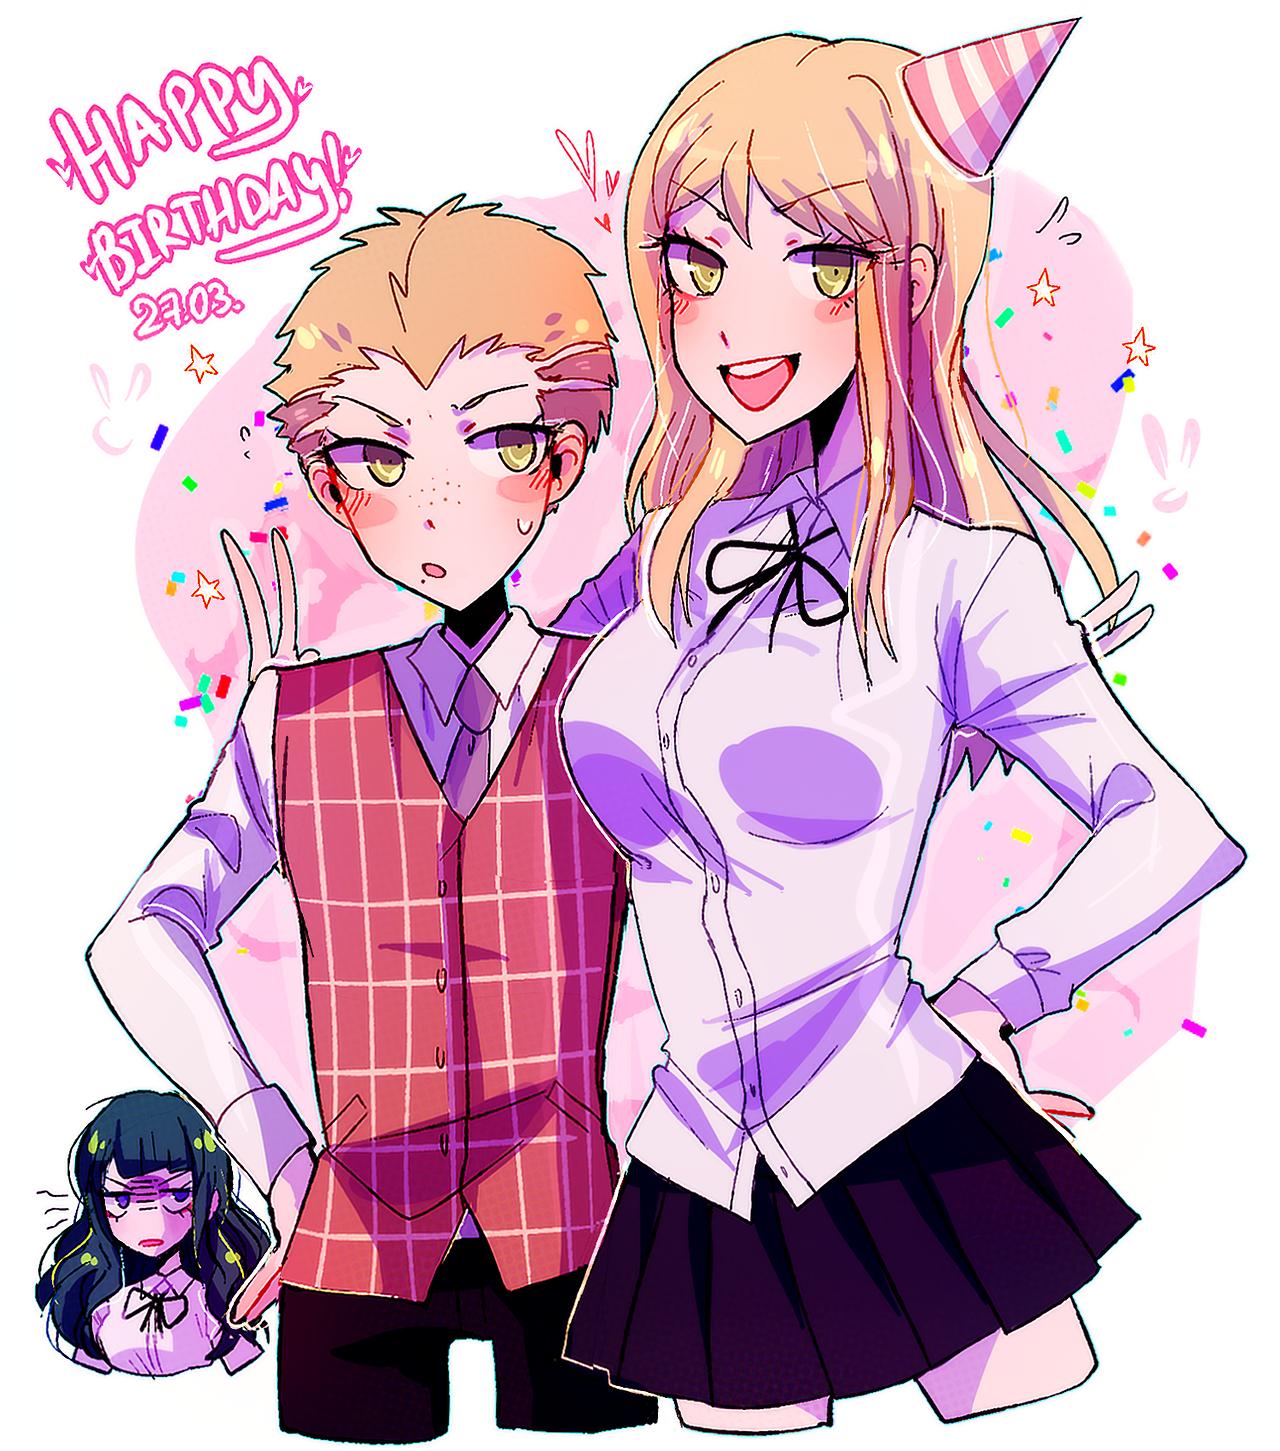 today's natsumi kuzuryuu's birthday! happ birthday bully